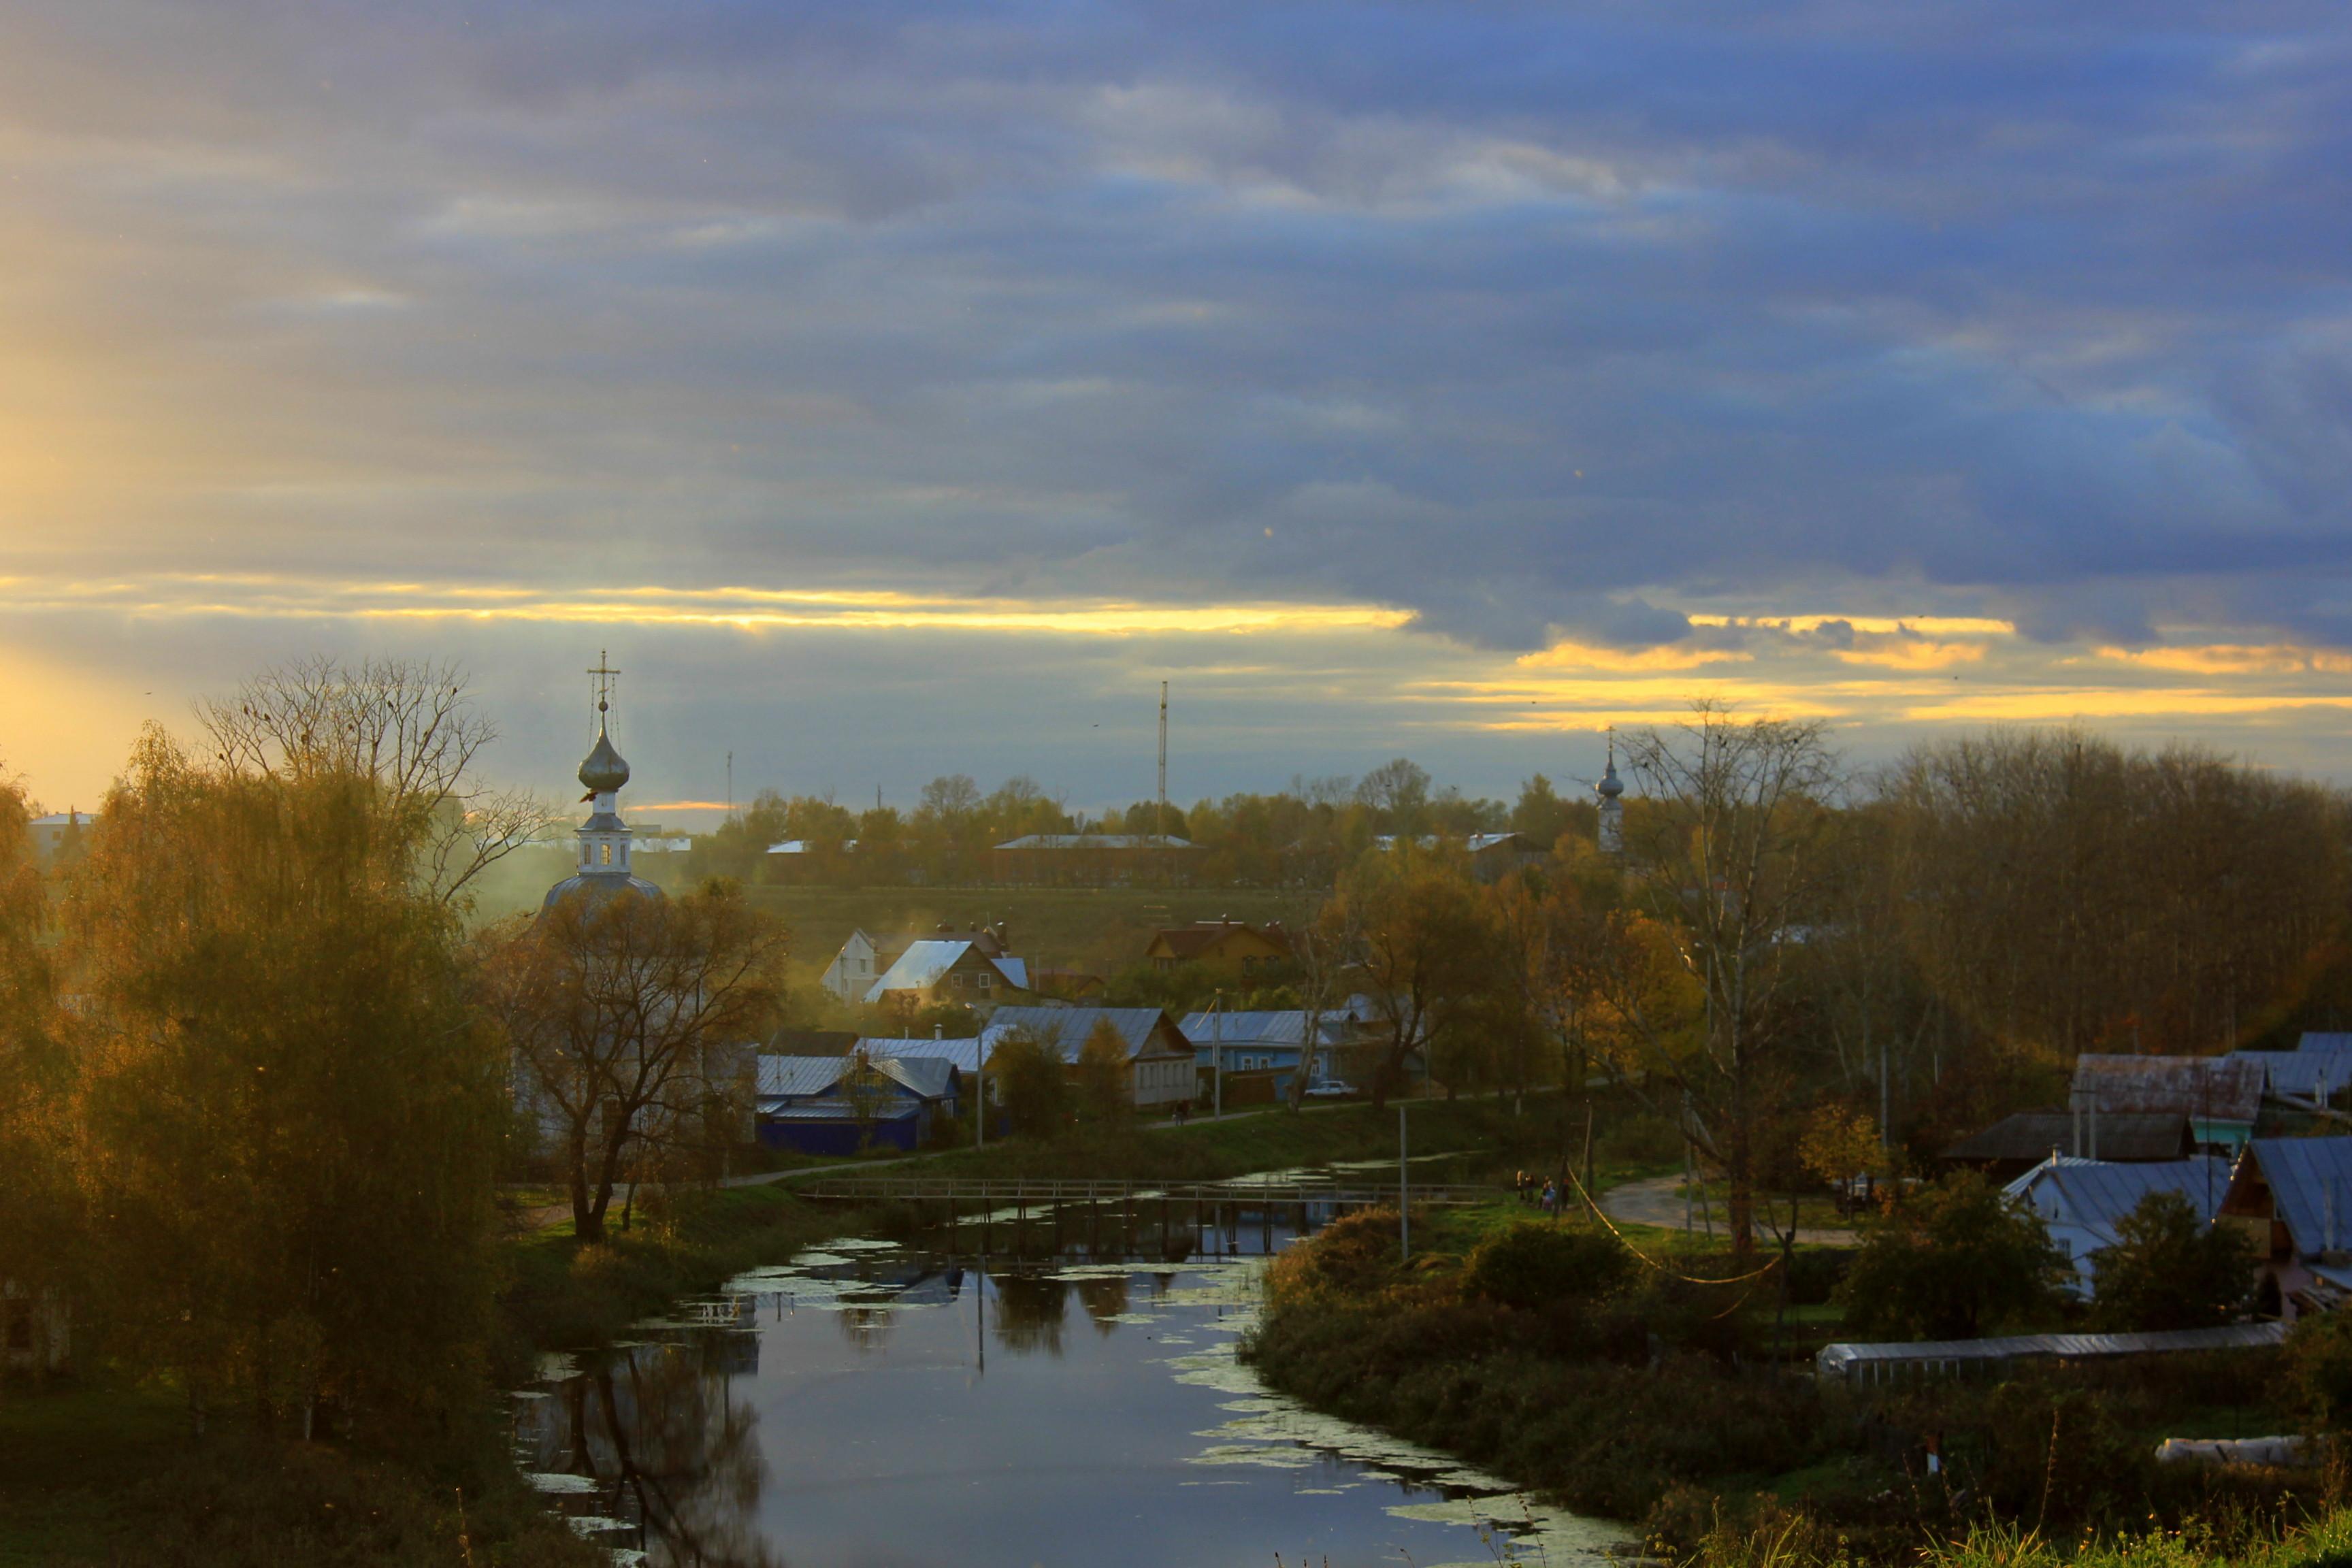 kamenka river in suzdal